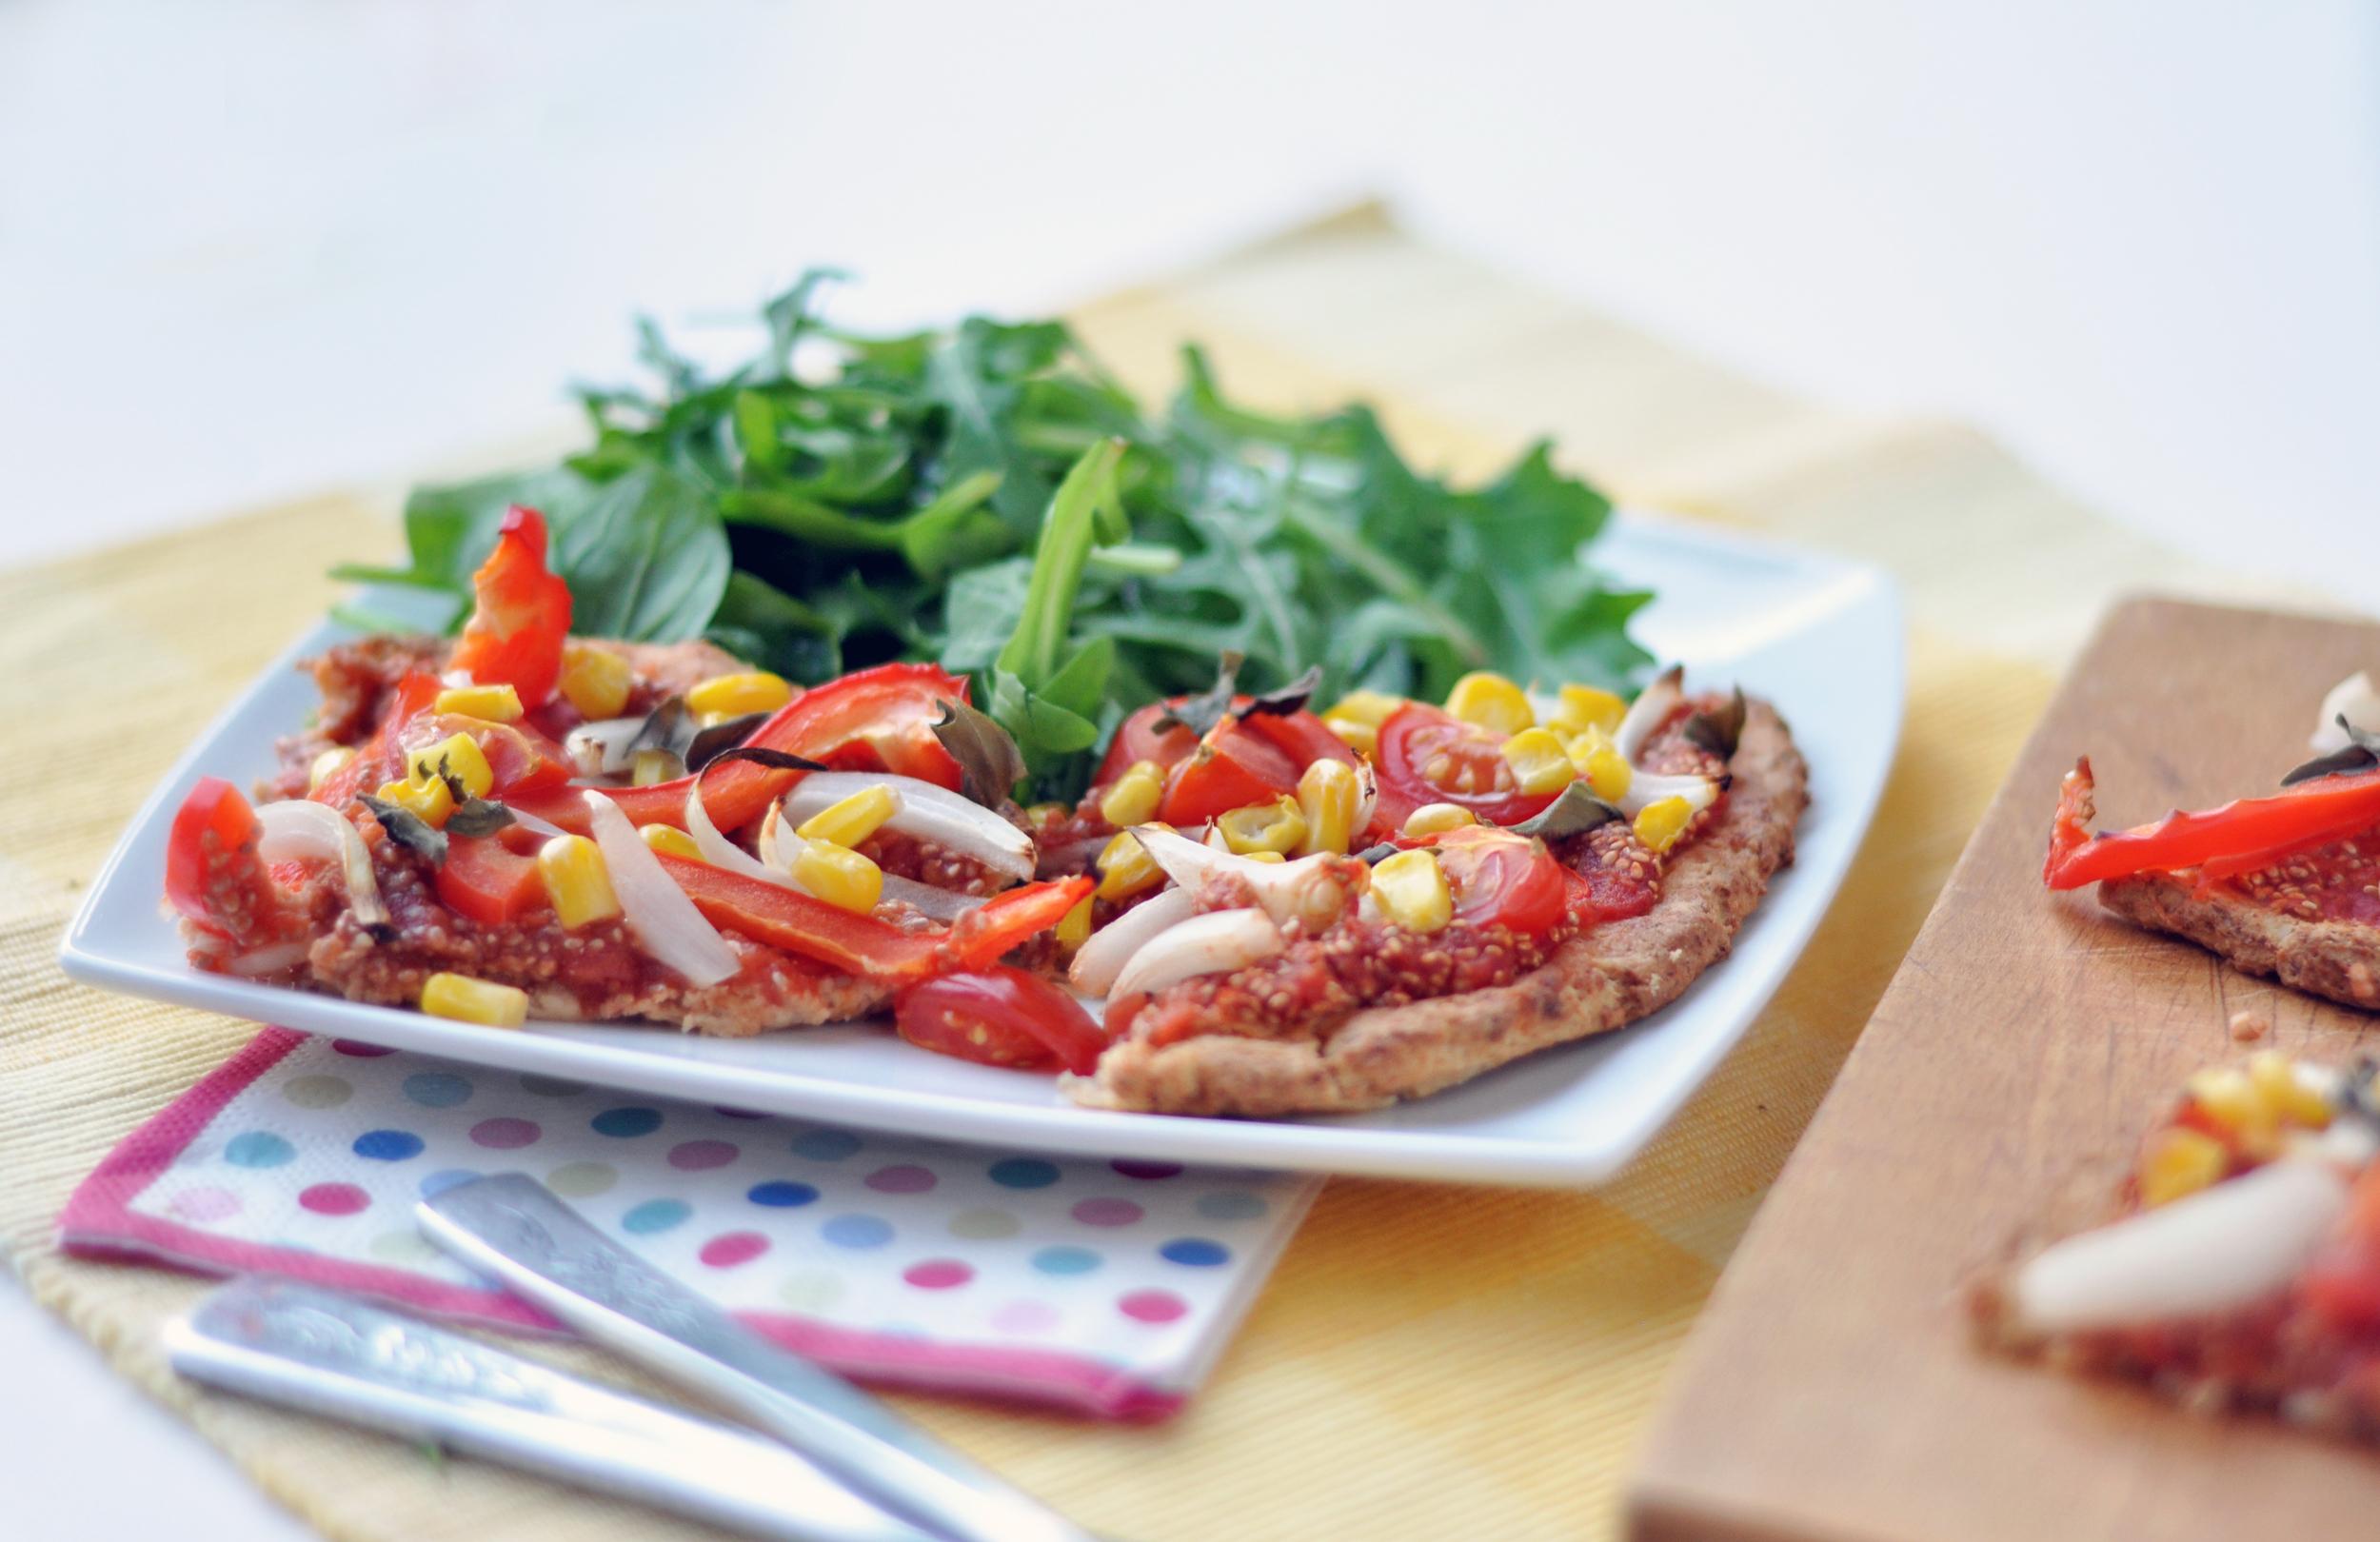 cauli pizza 1.jpg